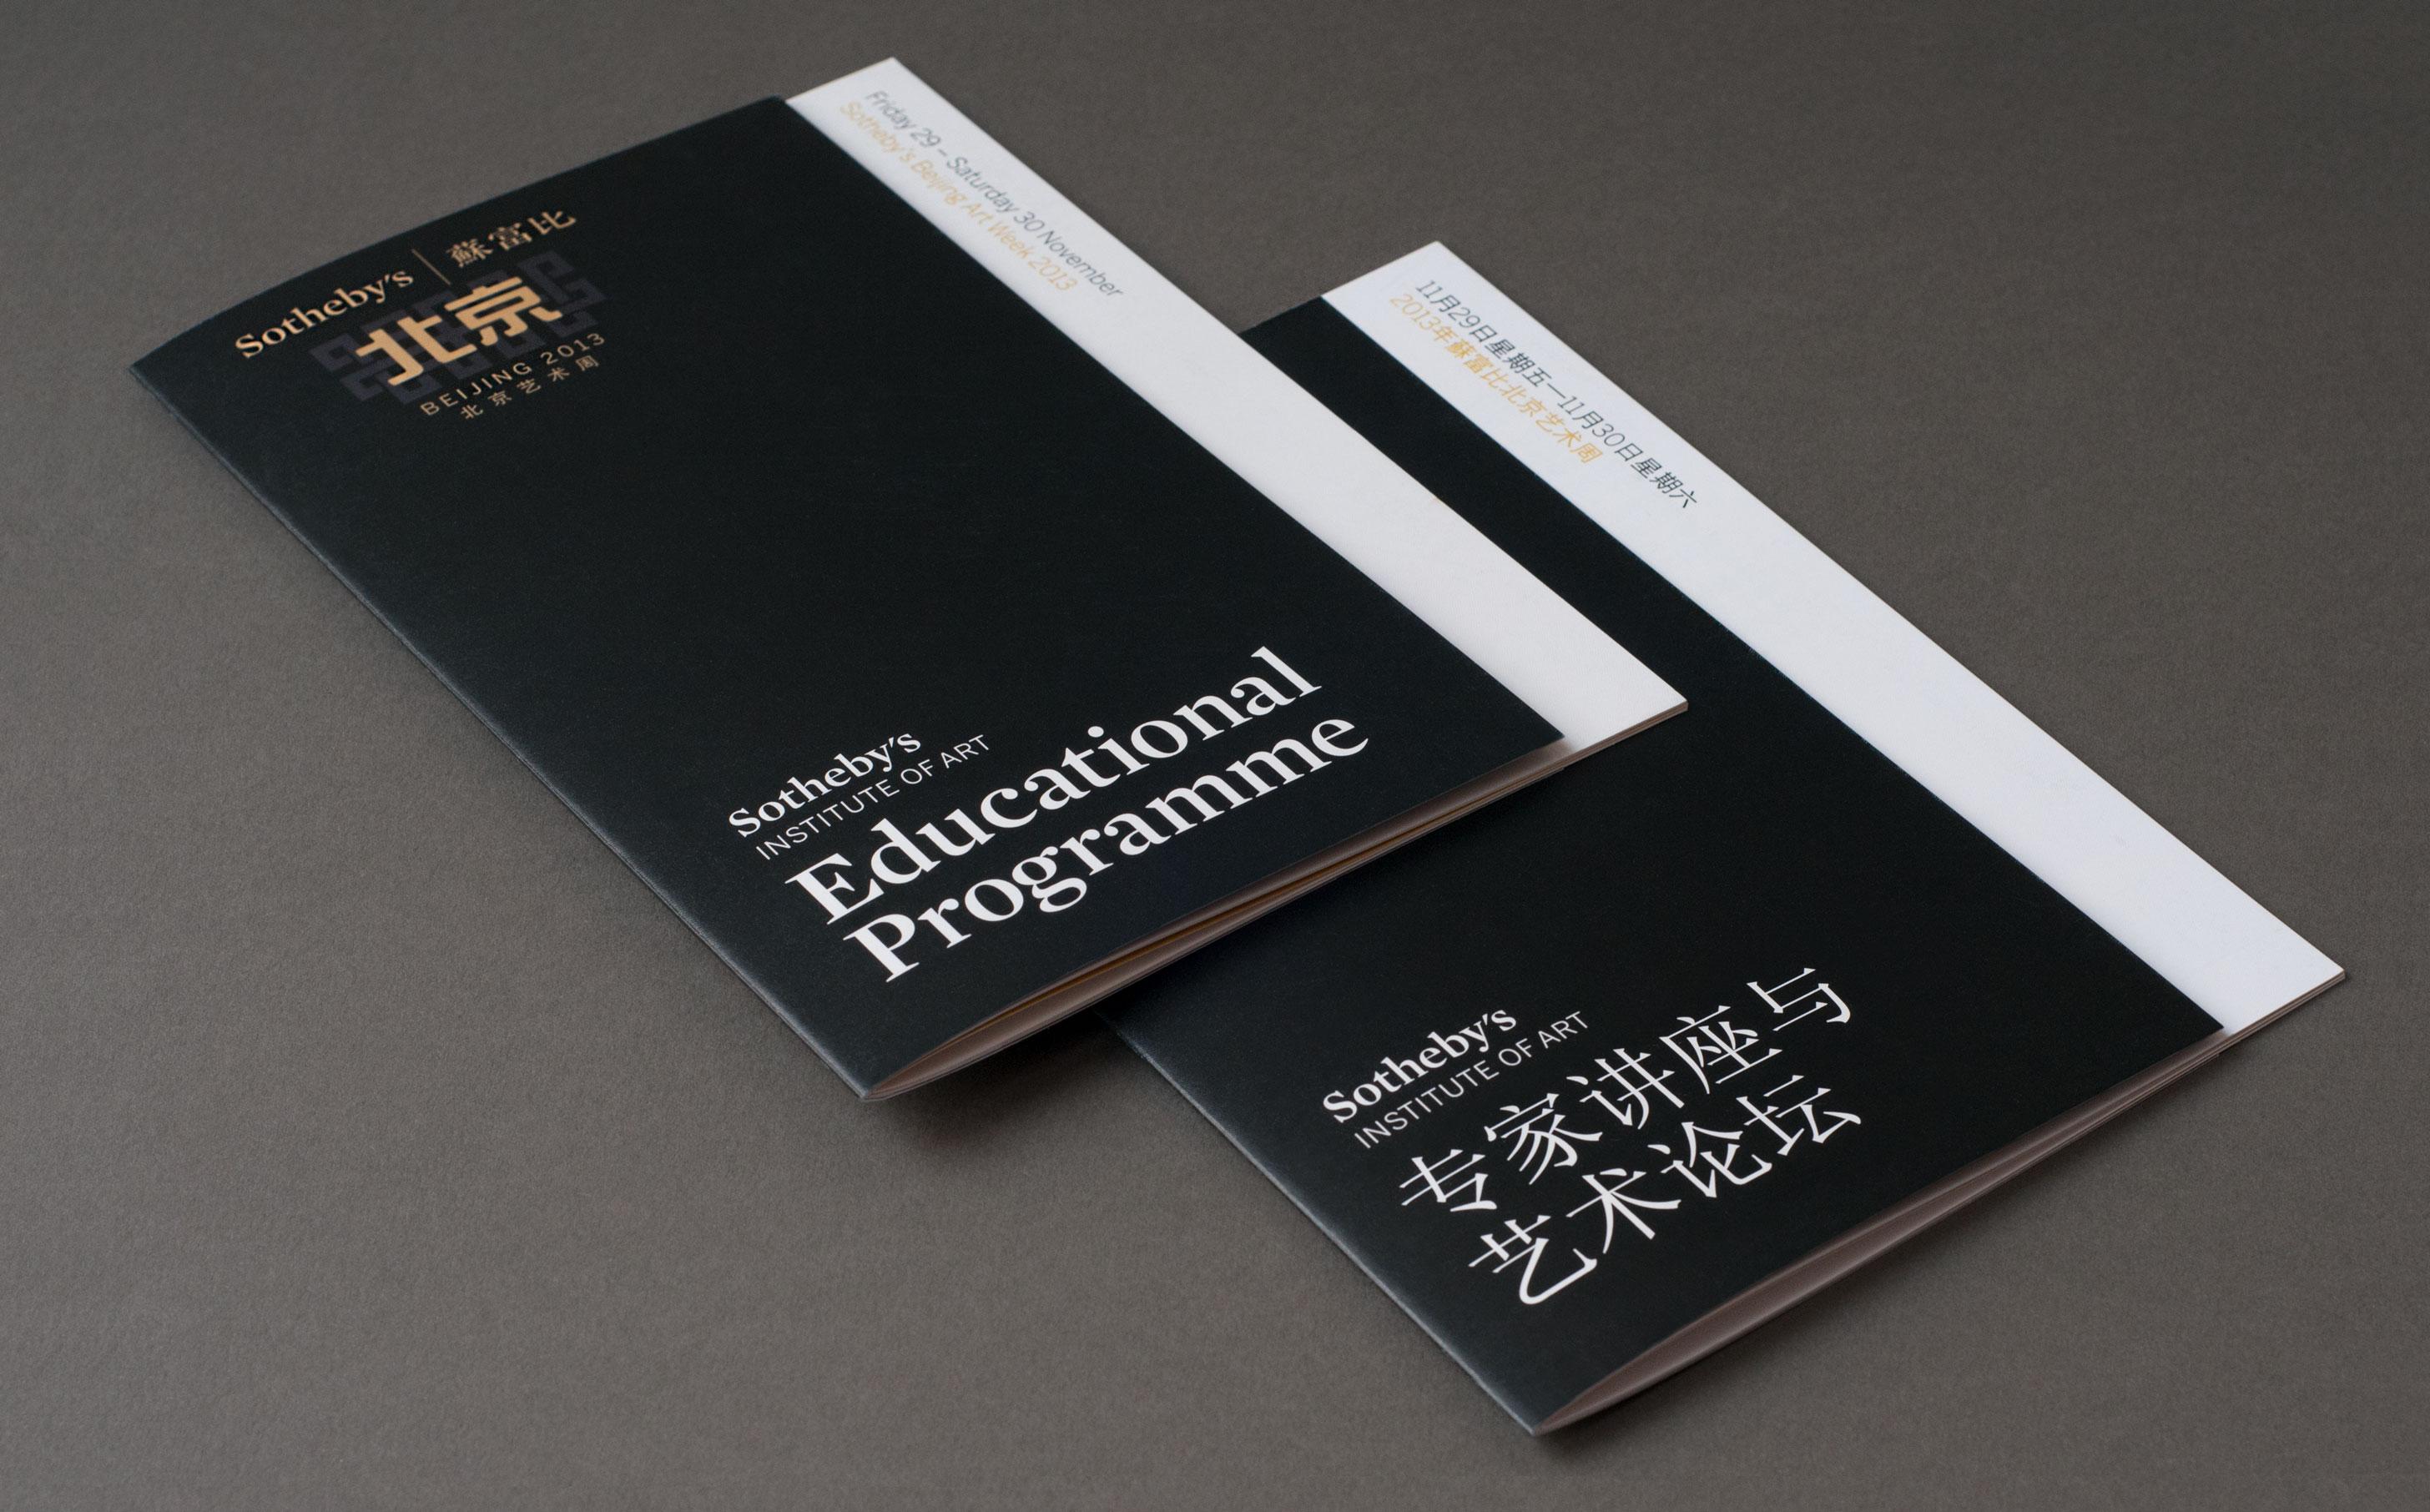 sothebys-brochure-design-cover